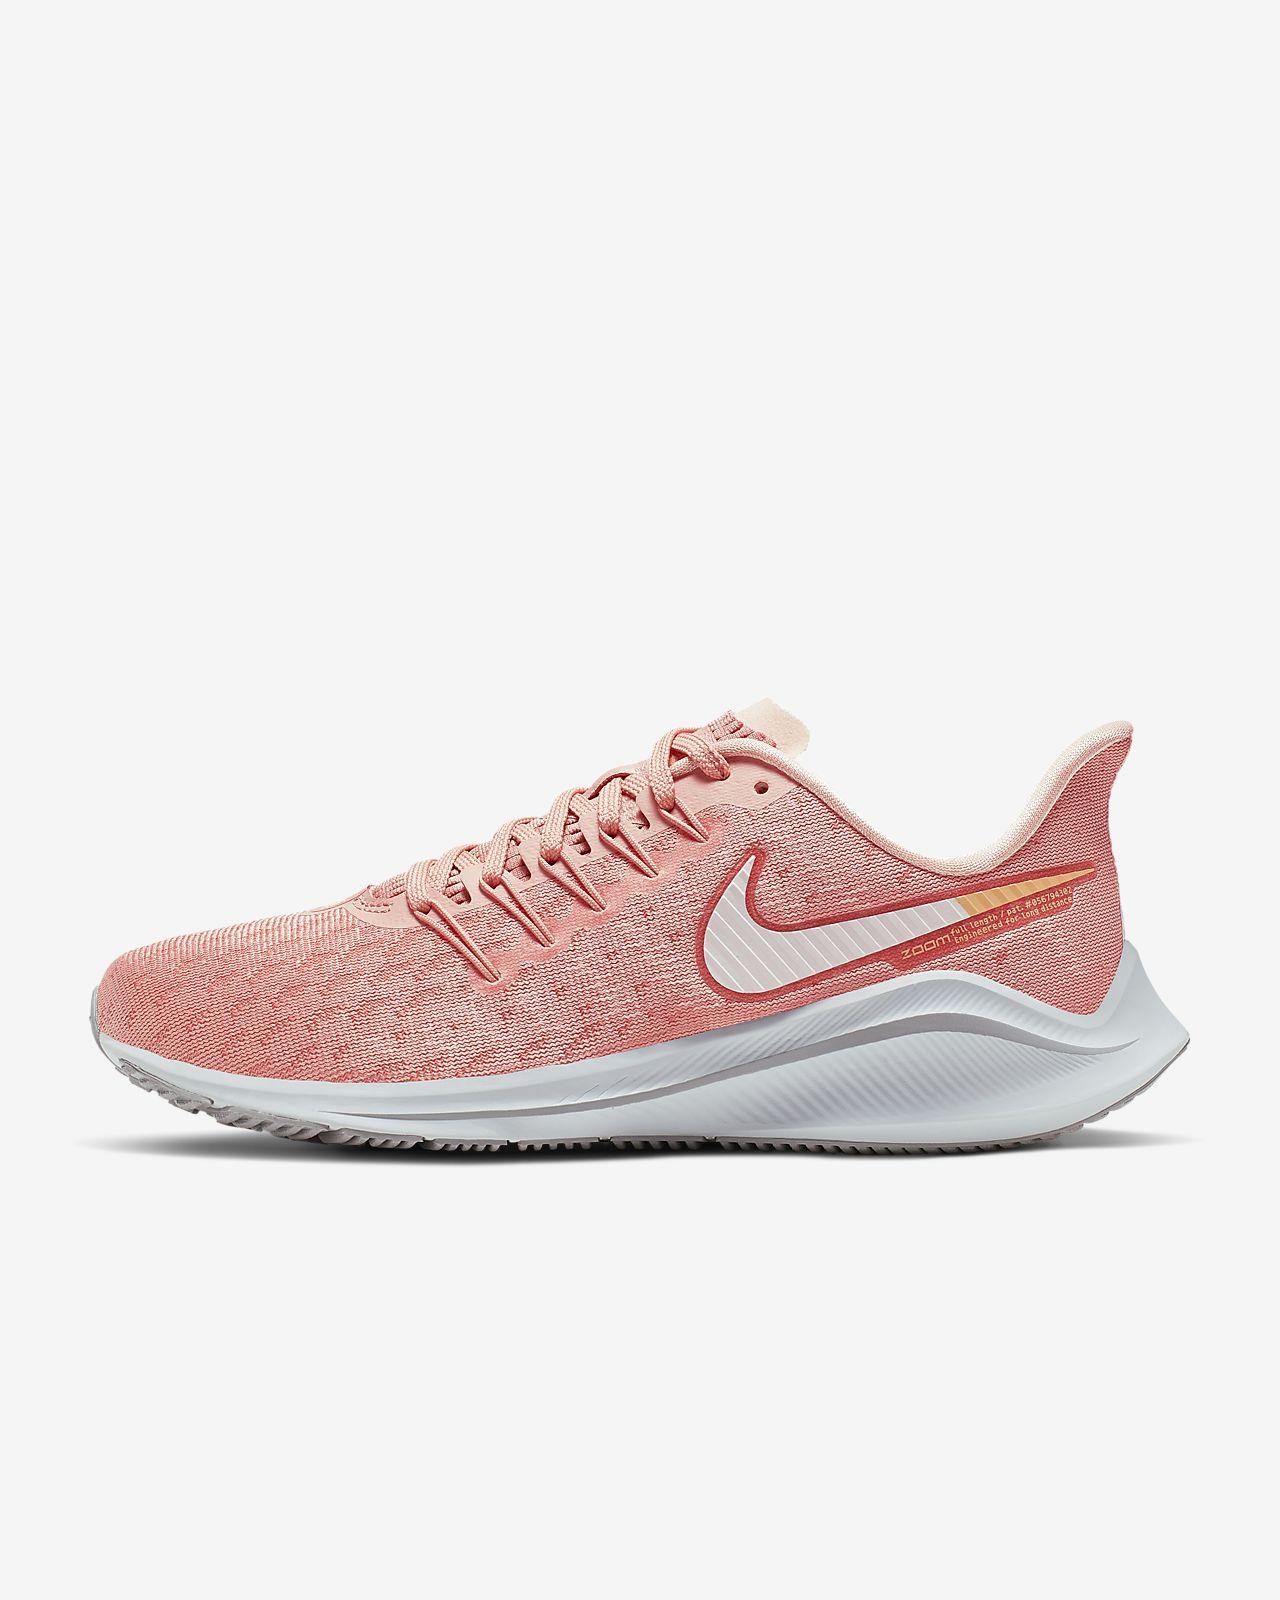 Nike Air Zoom Vomero 14 Kadın Koşu Ayakkabısı